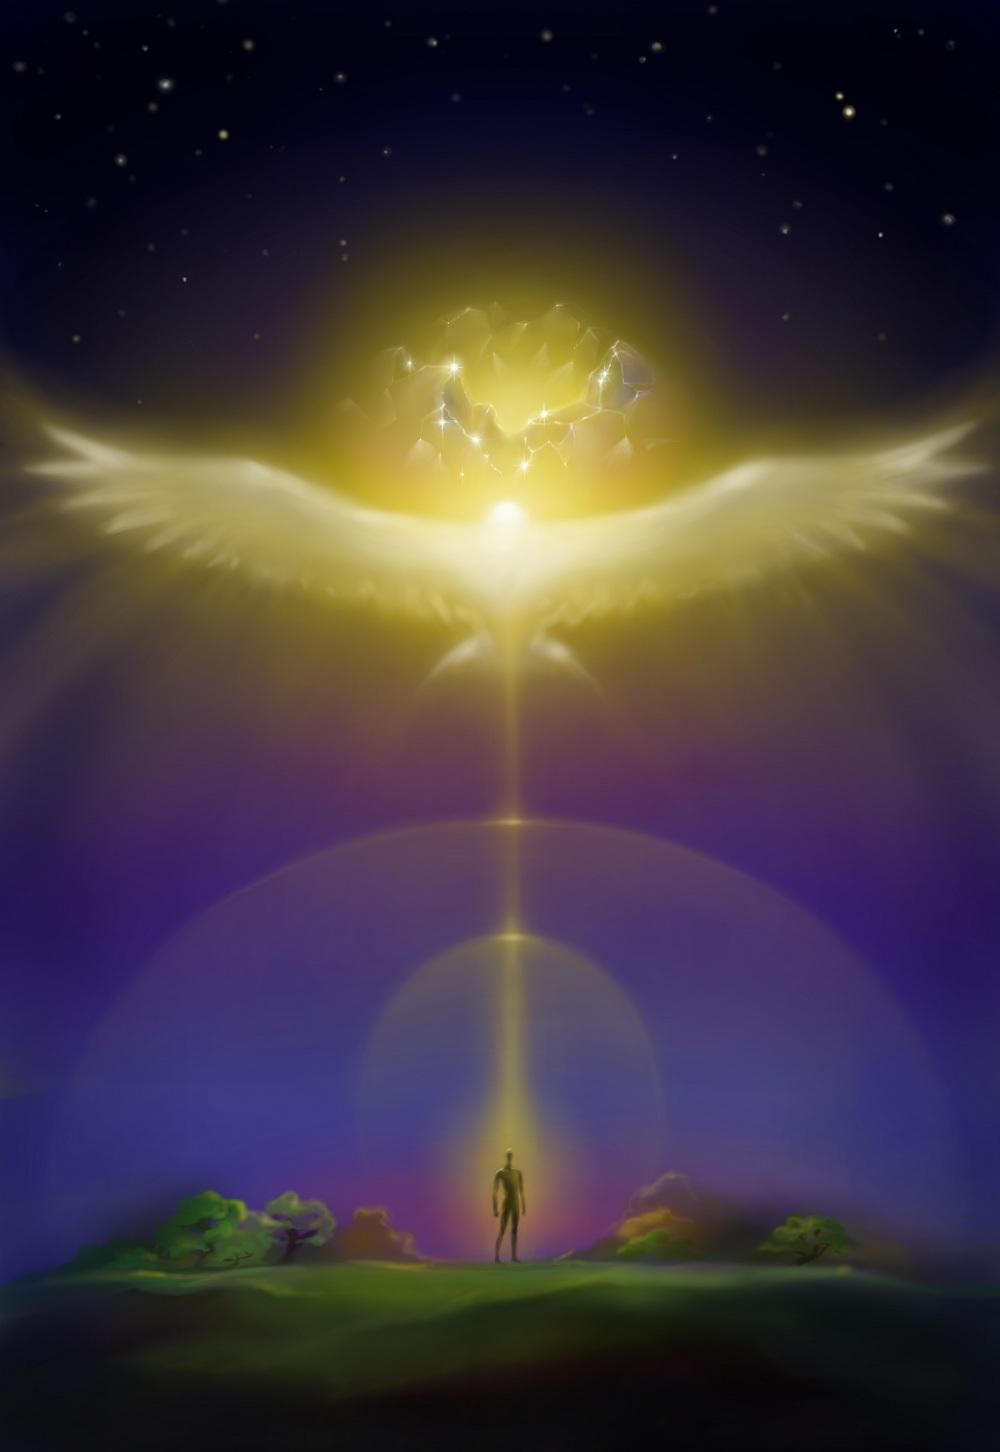 если картинка мудрость ангелов посвящен необходимости сохранения